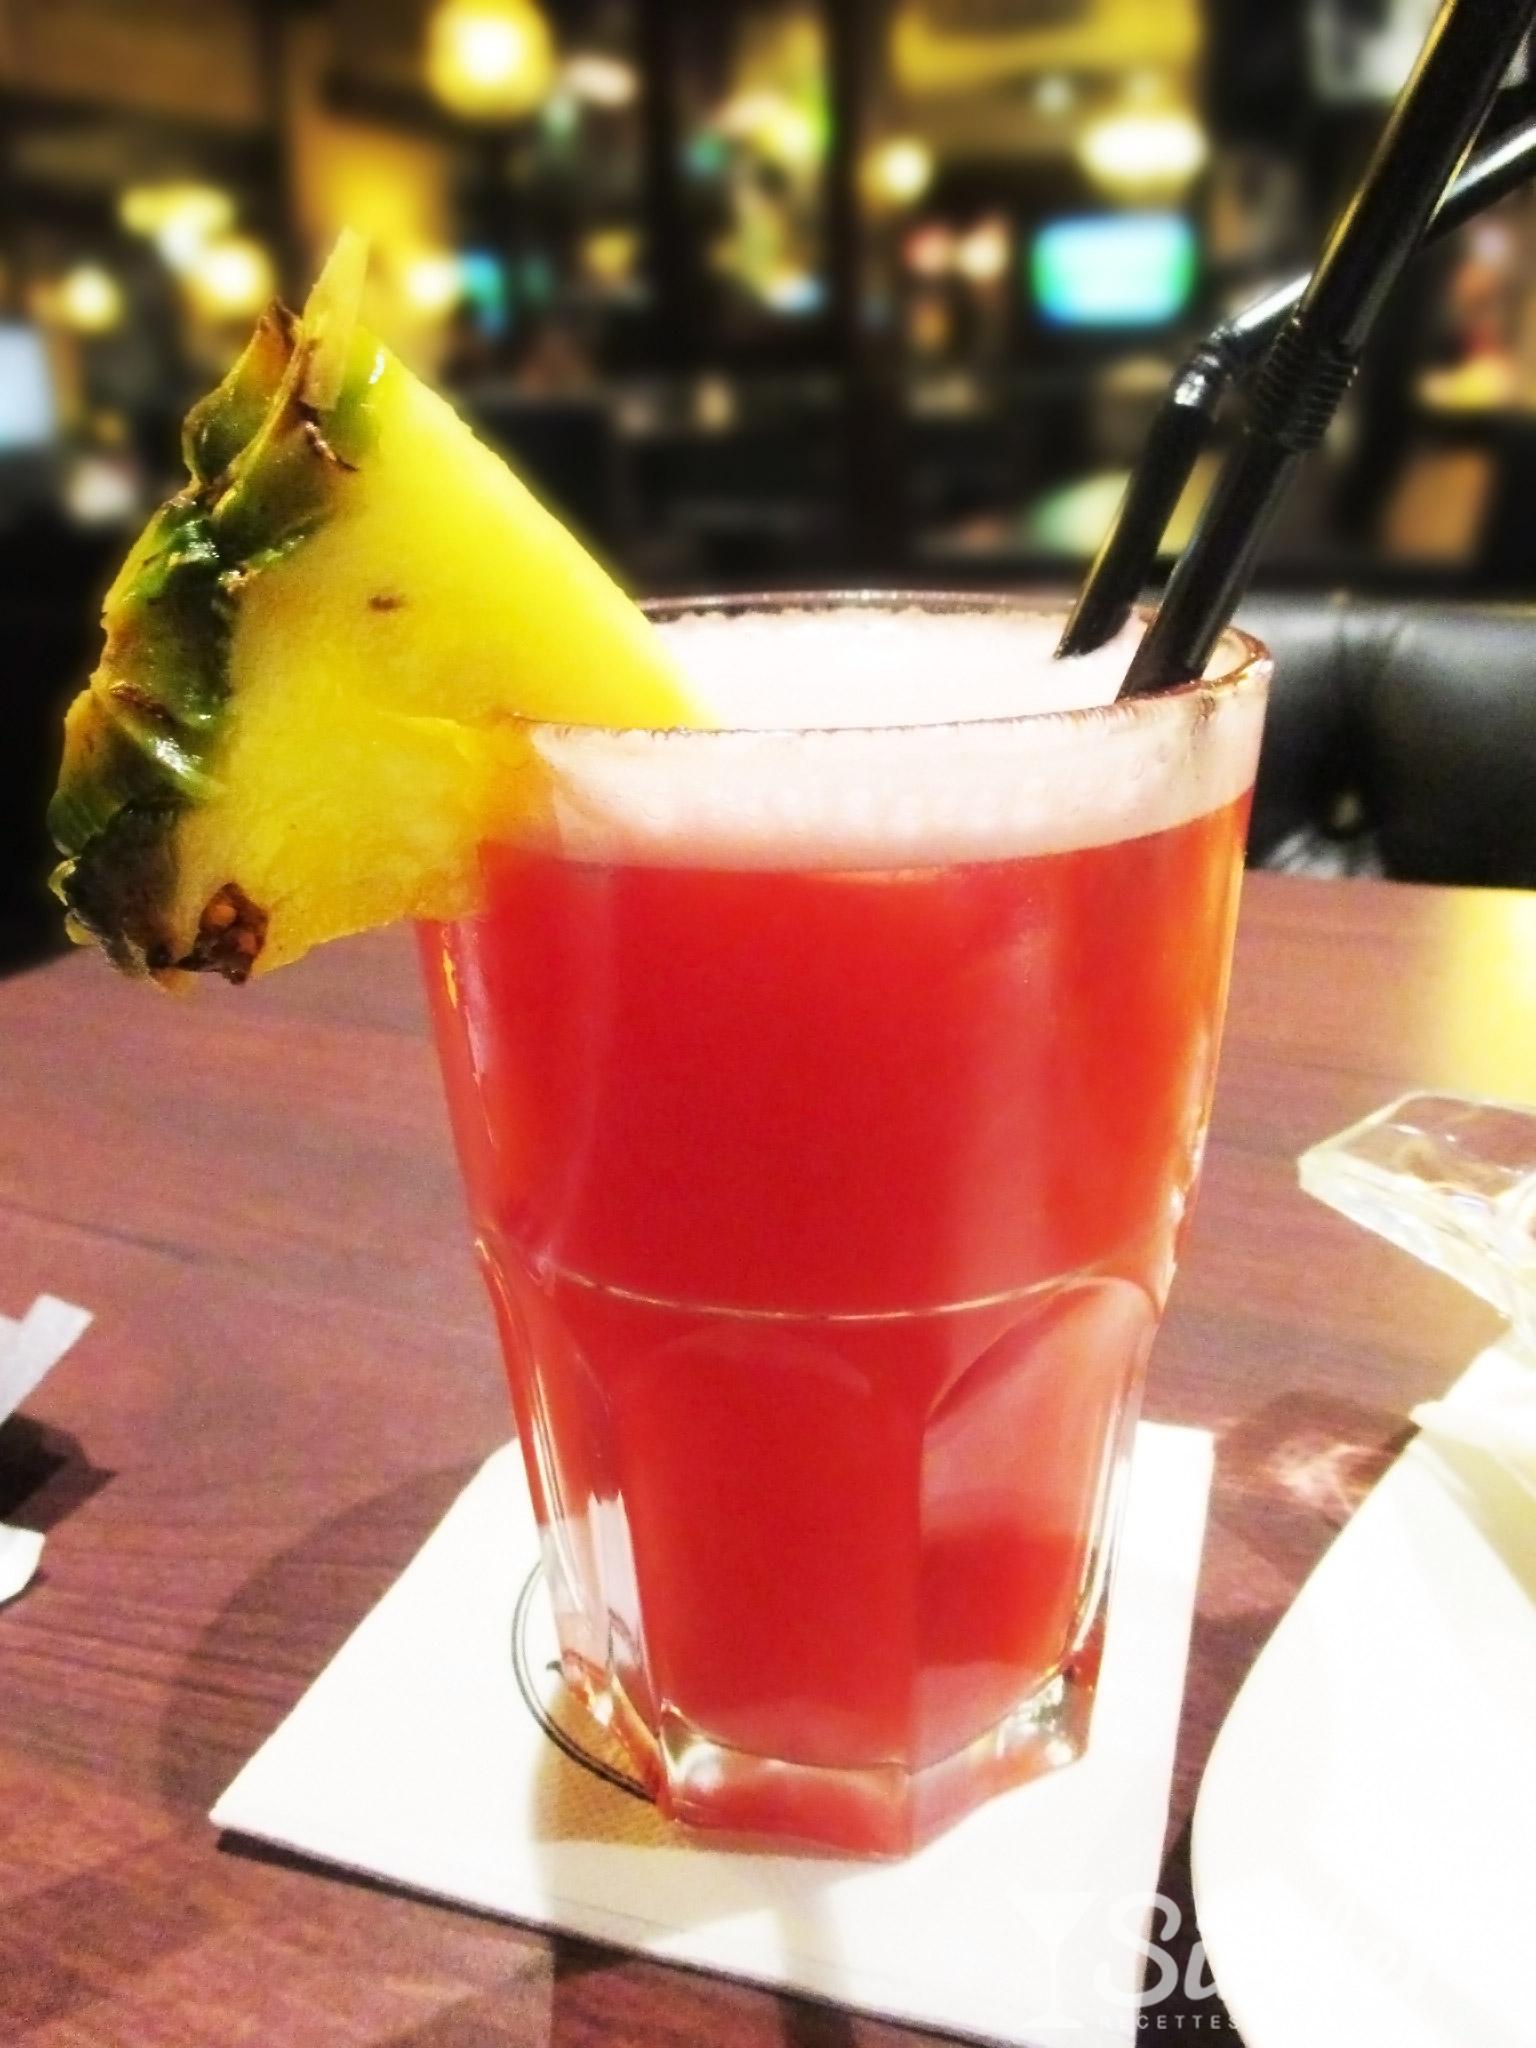 Các loại cocktail ngon dễ làm nhất-6 các loại cocktail ngon Chỉ cần 8 loại cocktail này, bạn sẽ vượt qua mùa hè 2017 cac loai cocktail ngon de lam nhat 5